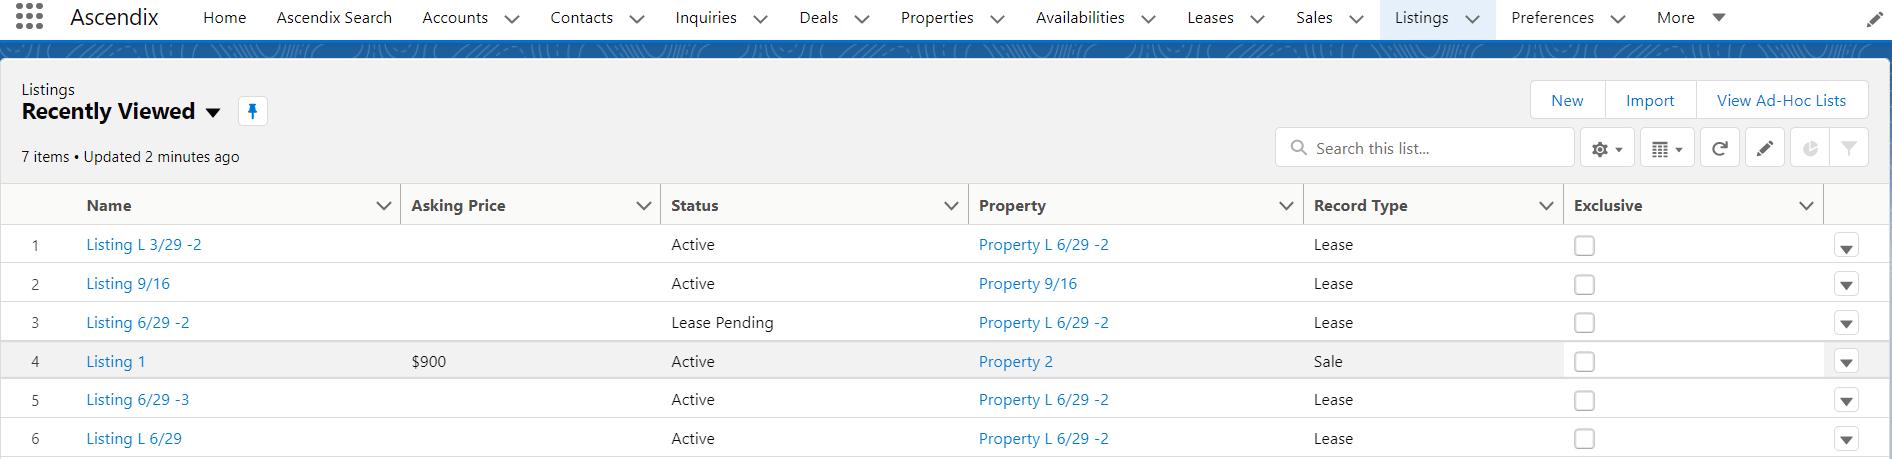 AscendixRE listings